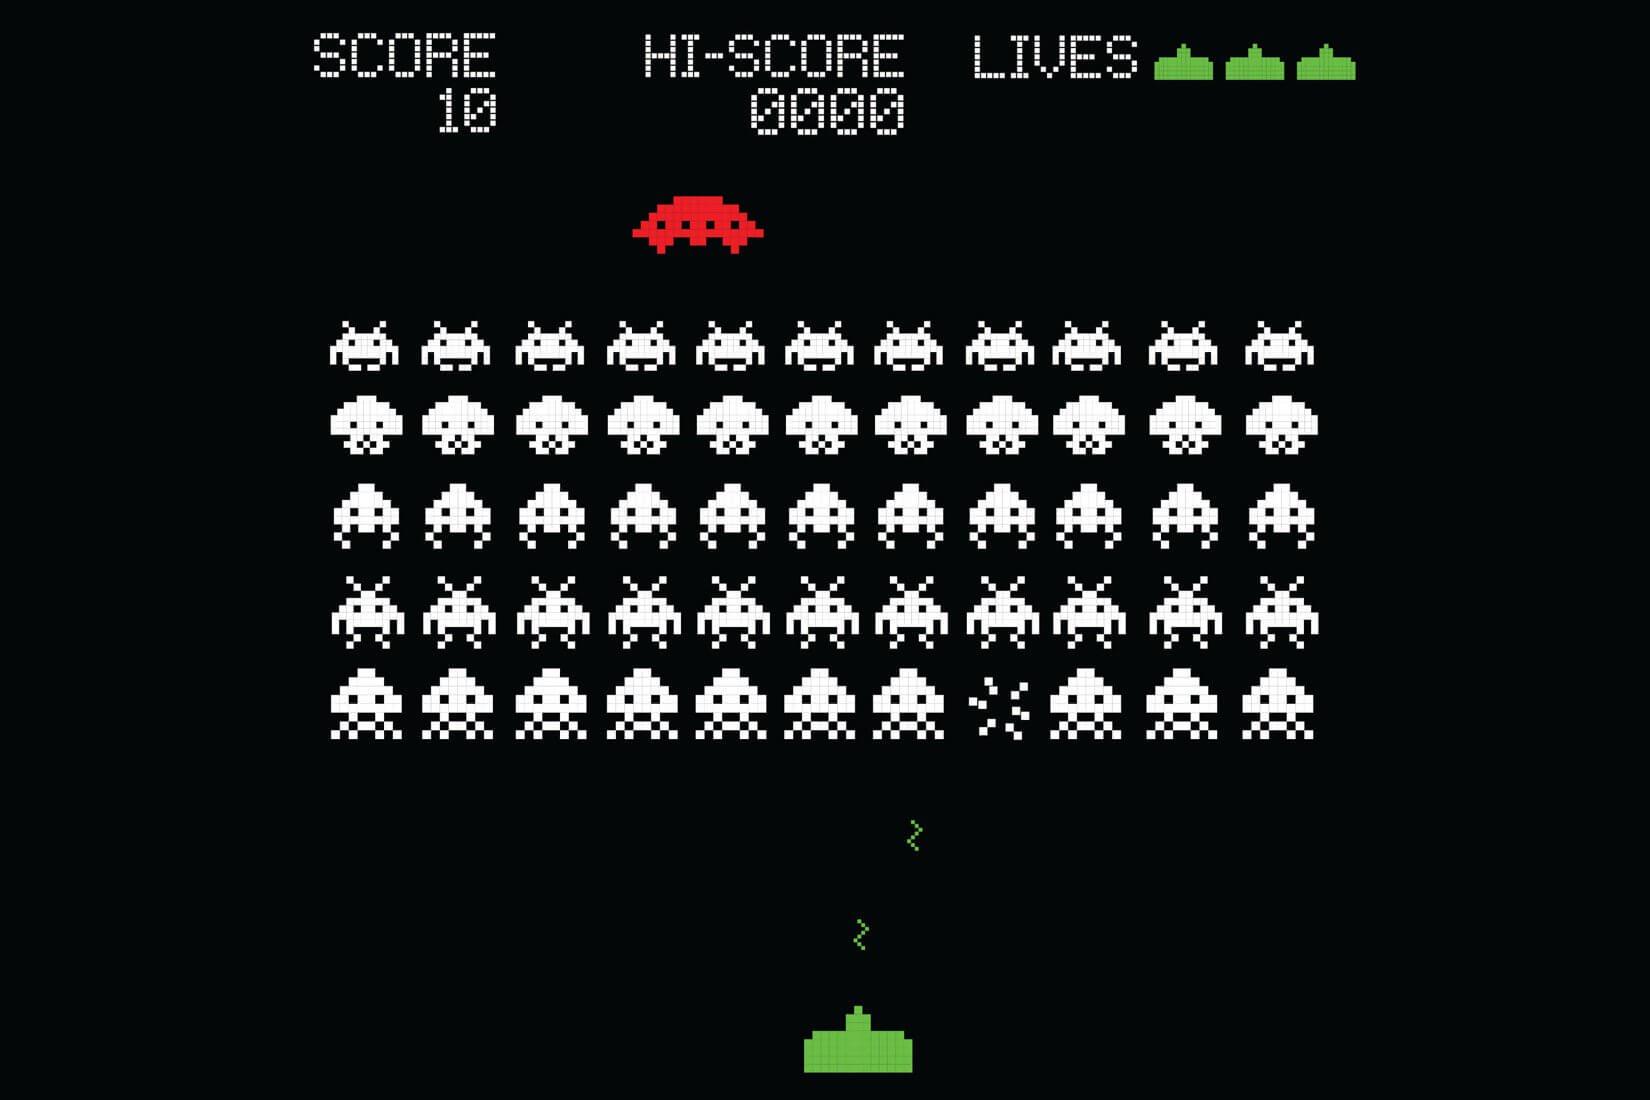 Jogue oito jogos clássicos através de extensões do google chrome. Se você sente saudade dos tempos em que jogava nos fliperamas, te ajudaremos a matá-la. Confira oito jogos que você pode jogar no próprio google chrome.